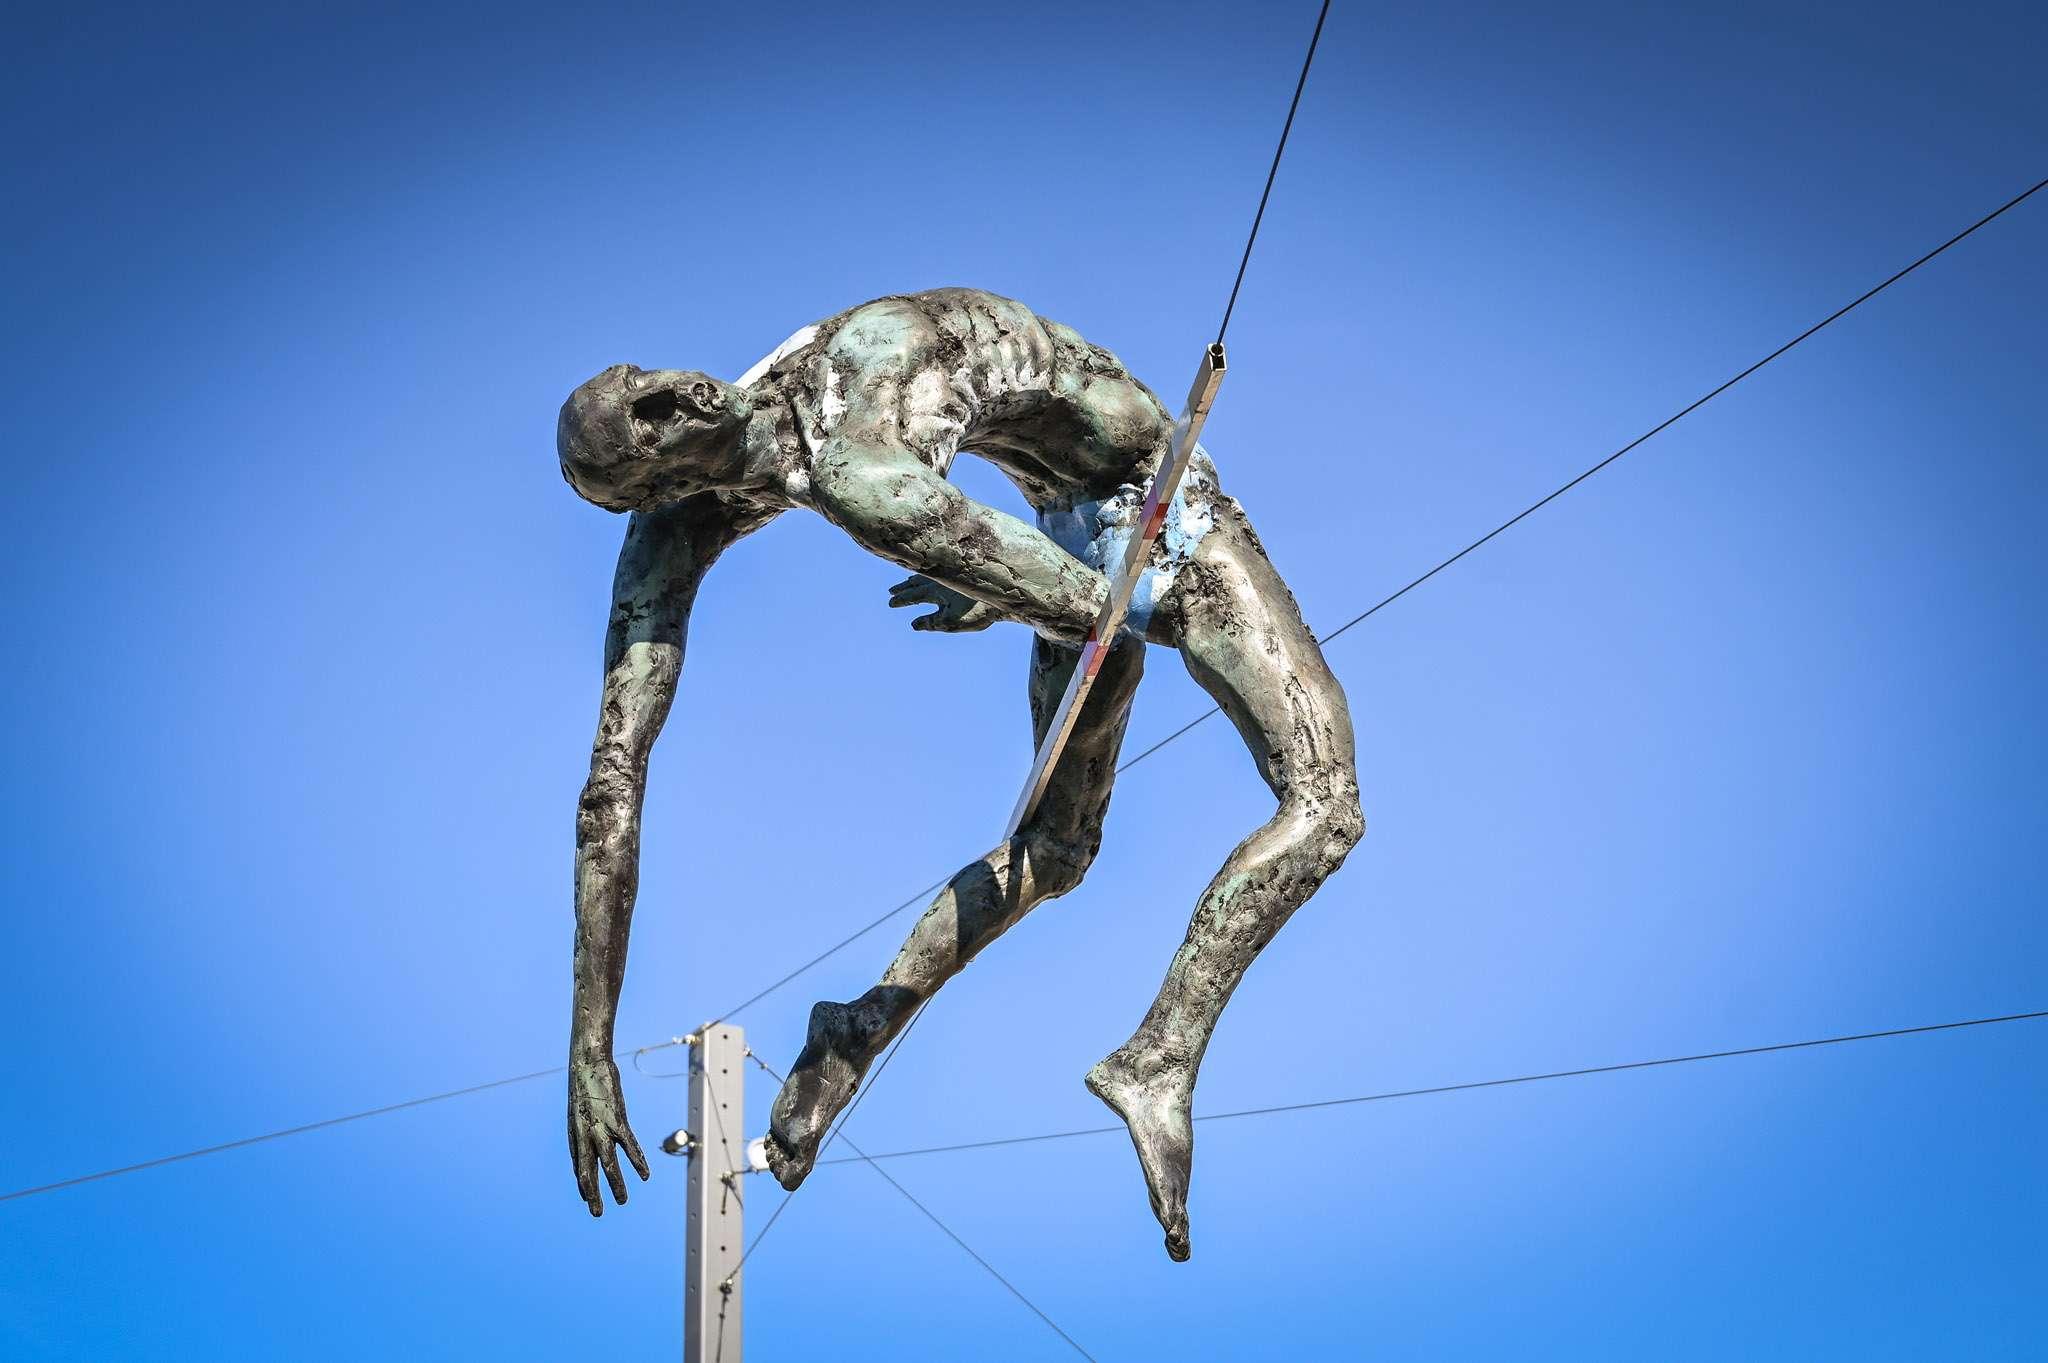 Rzeźba atlety skaczącego wzwyż